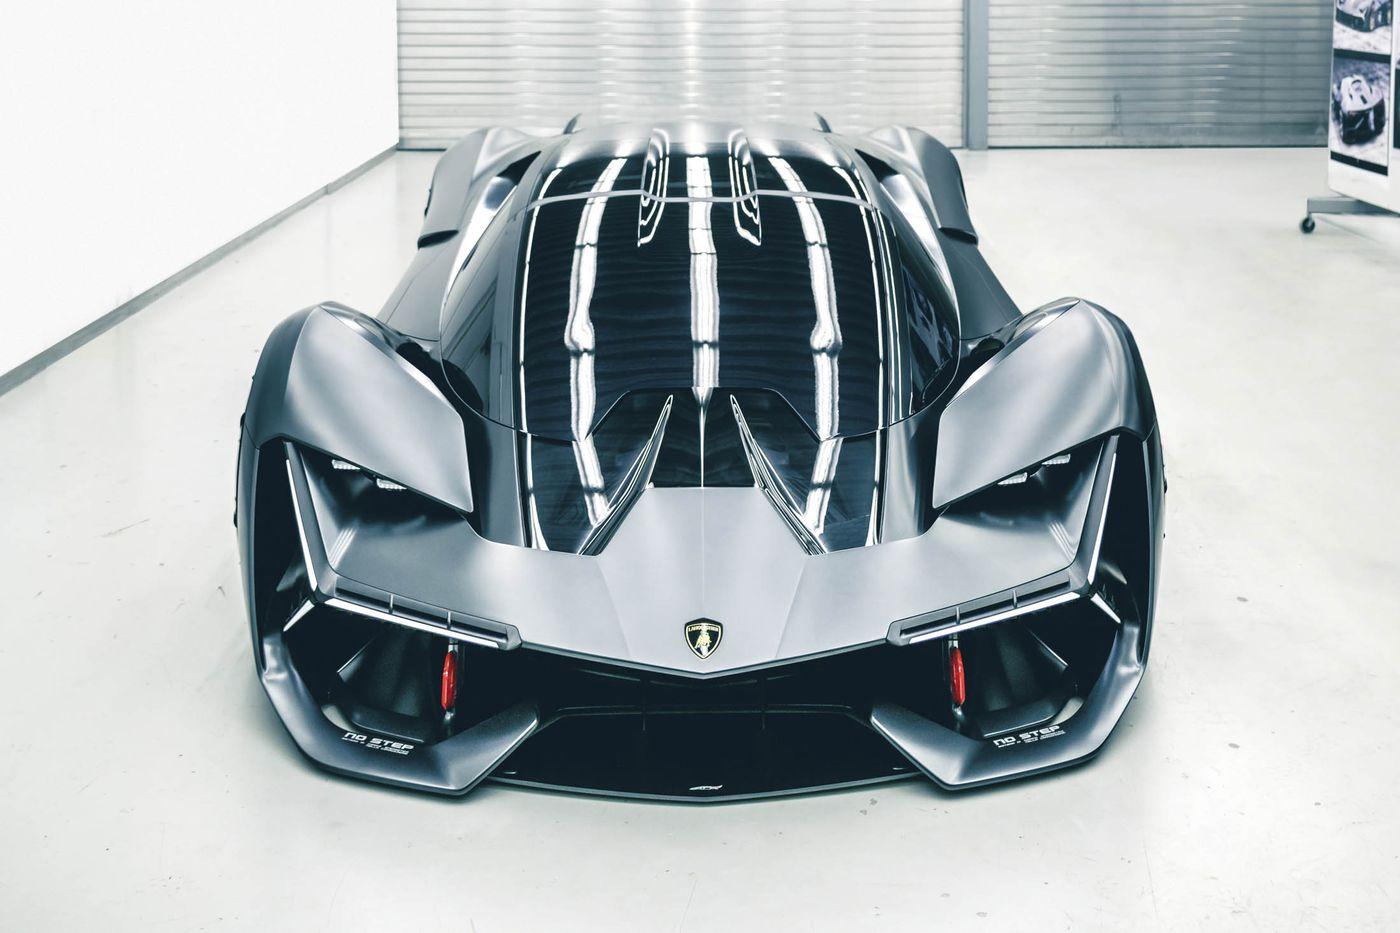 Lamborghini Terzo Millennio Electric Concept Car